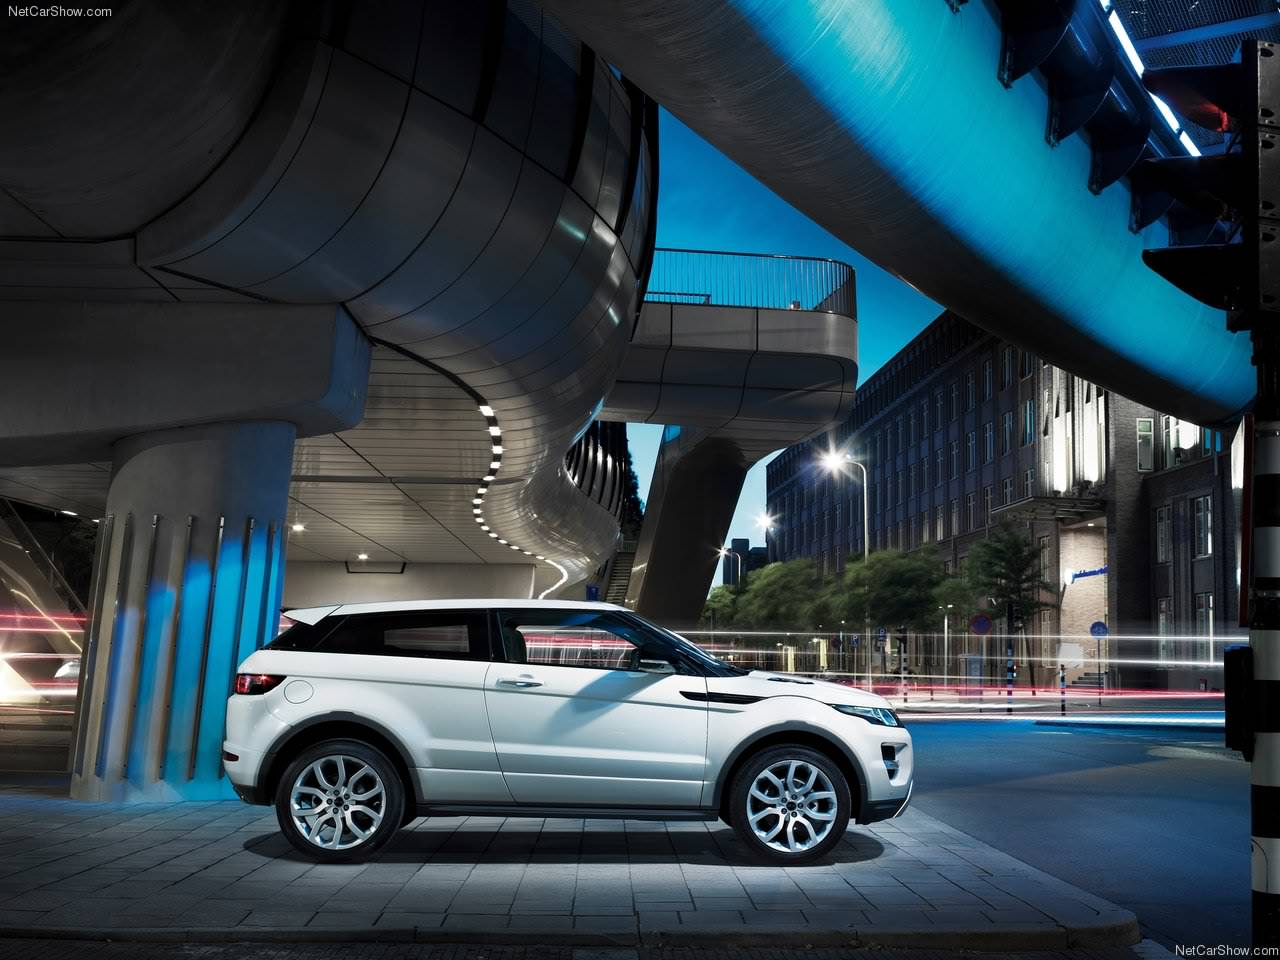 http://3.bp.blogspot.com/_lsyt_wQ2awY/TJsRwLWN7GI/AAAAAAACFQY/r1572al0oOQ/s1600/Land_Rover-Range_Rover_Evoque_2011_1280x960_wallpaper_09.jpg